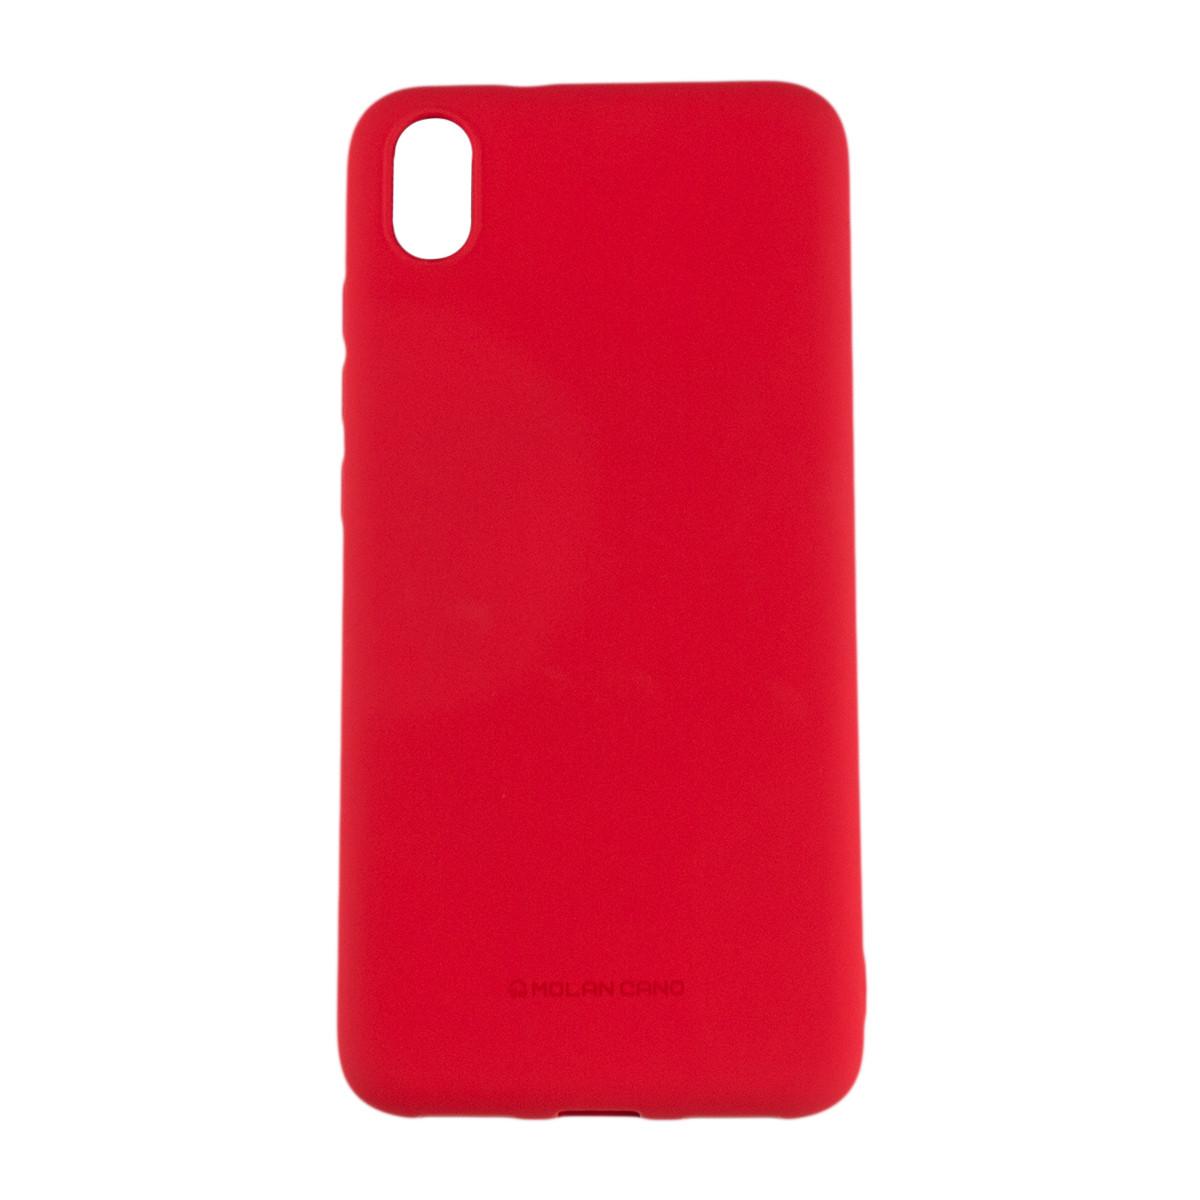 Оригинальный силиконовый чехол Molan Cano Jelly Case для Xiaomi Redmi 7A (красный)